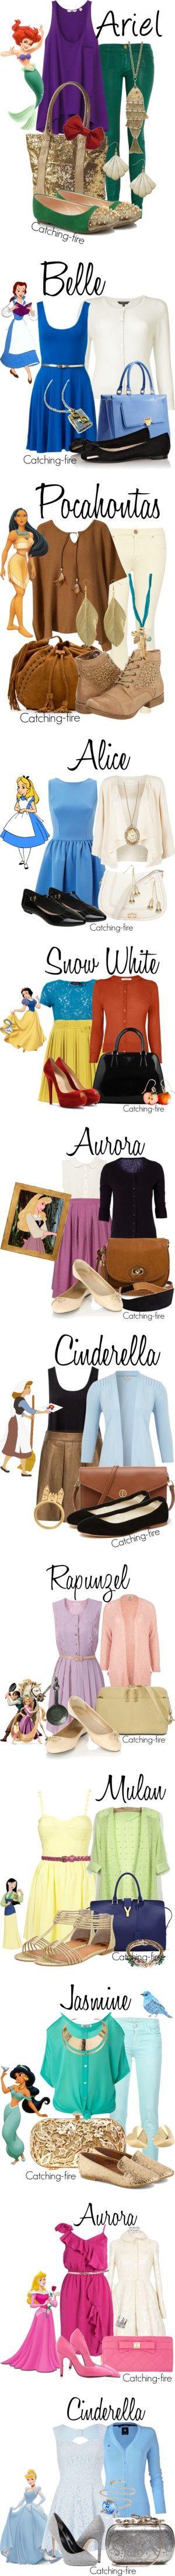 Wolltest du schon immer eine Prinzessin sein? Super süße und moderne Prinzessinnen- Outfits!